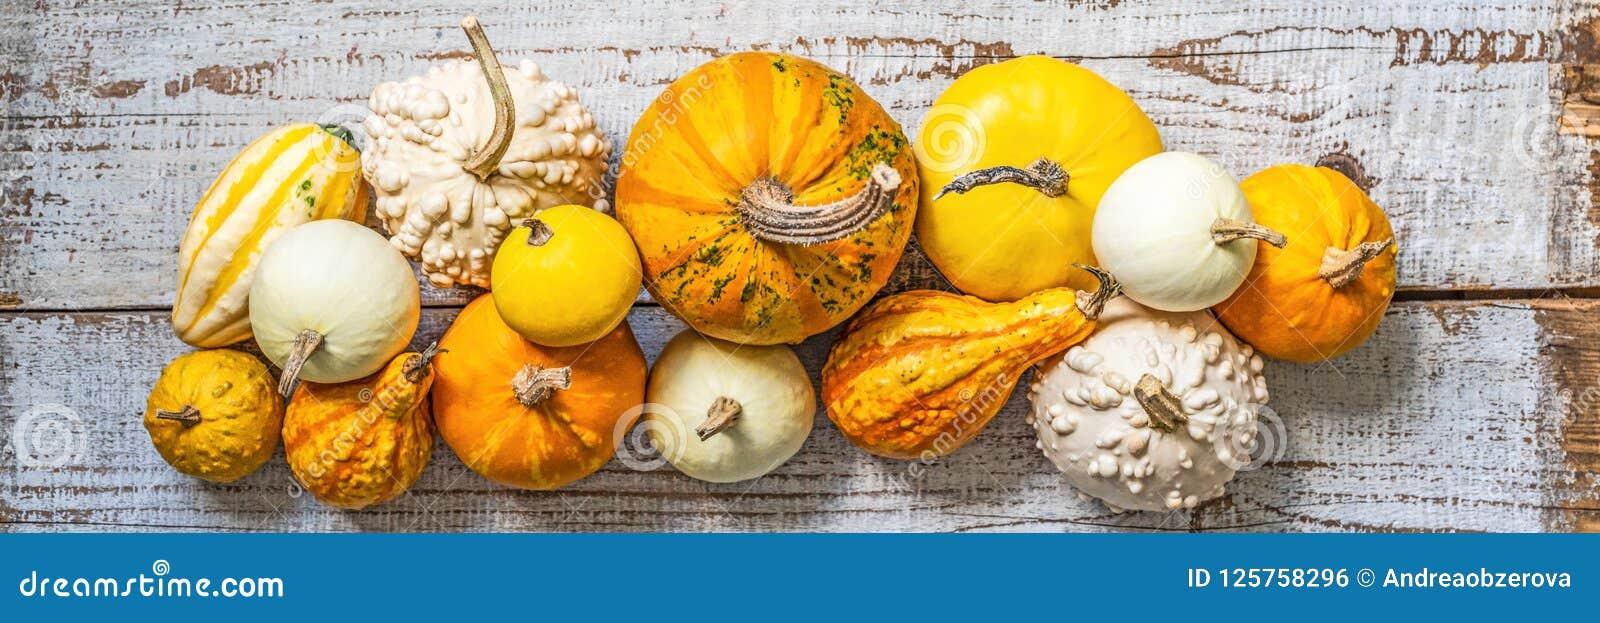 Gelukkige thanksging banner Selectie van diverse pompoenen op oude witte houten achtergrond De herfstgroenten en seizoengebonden